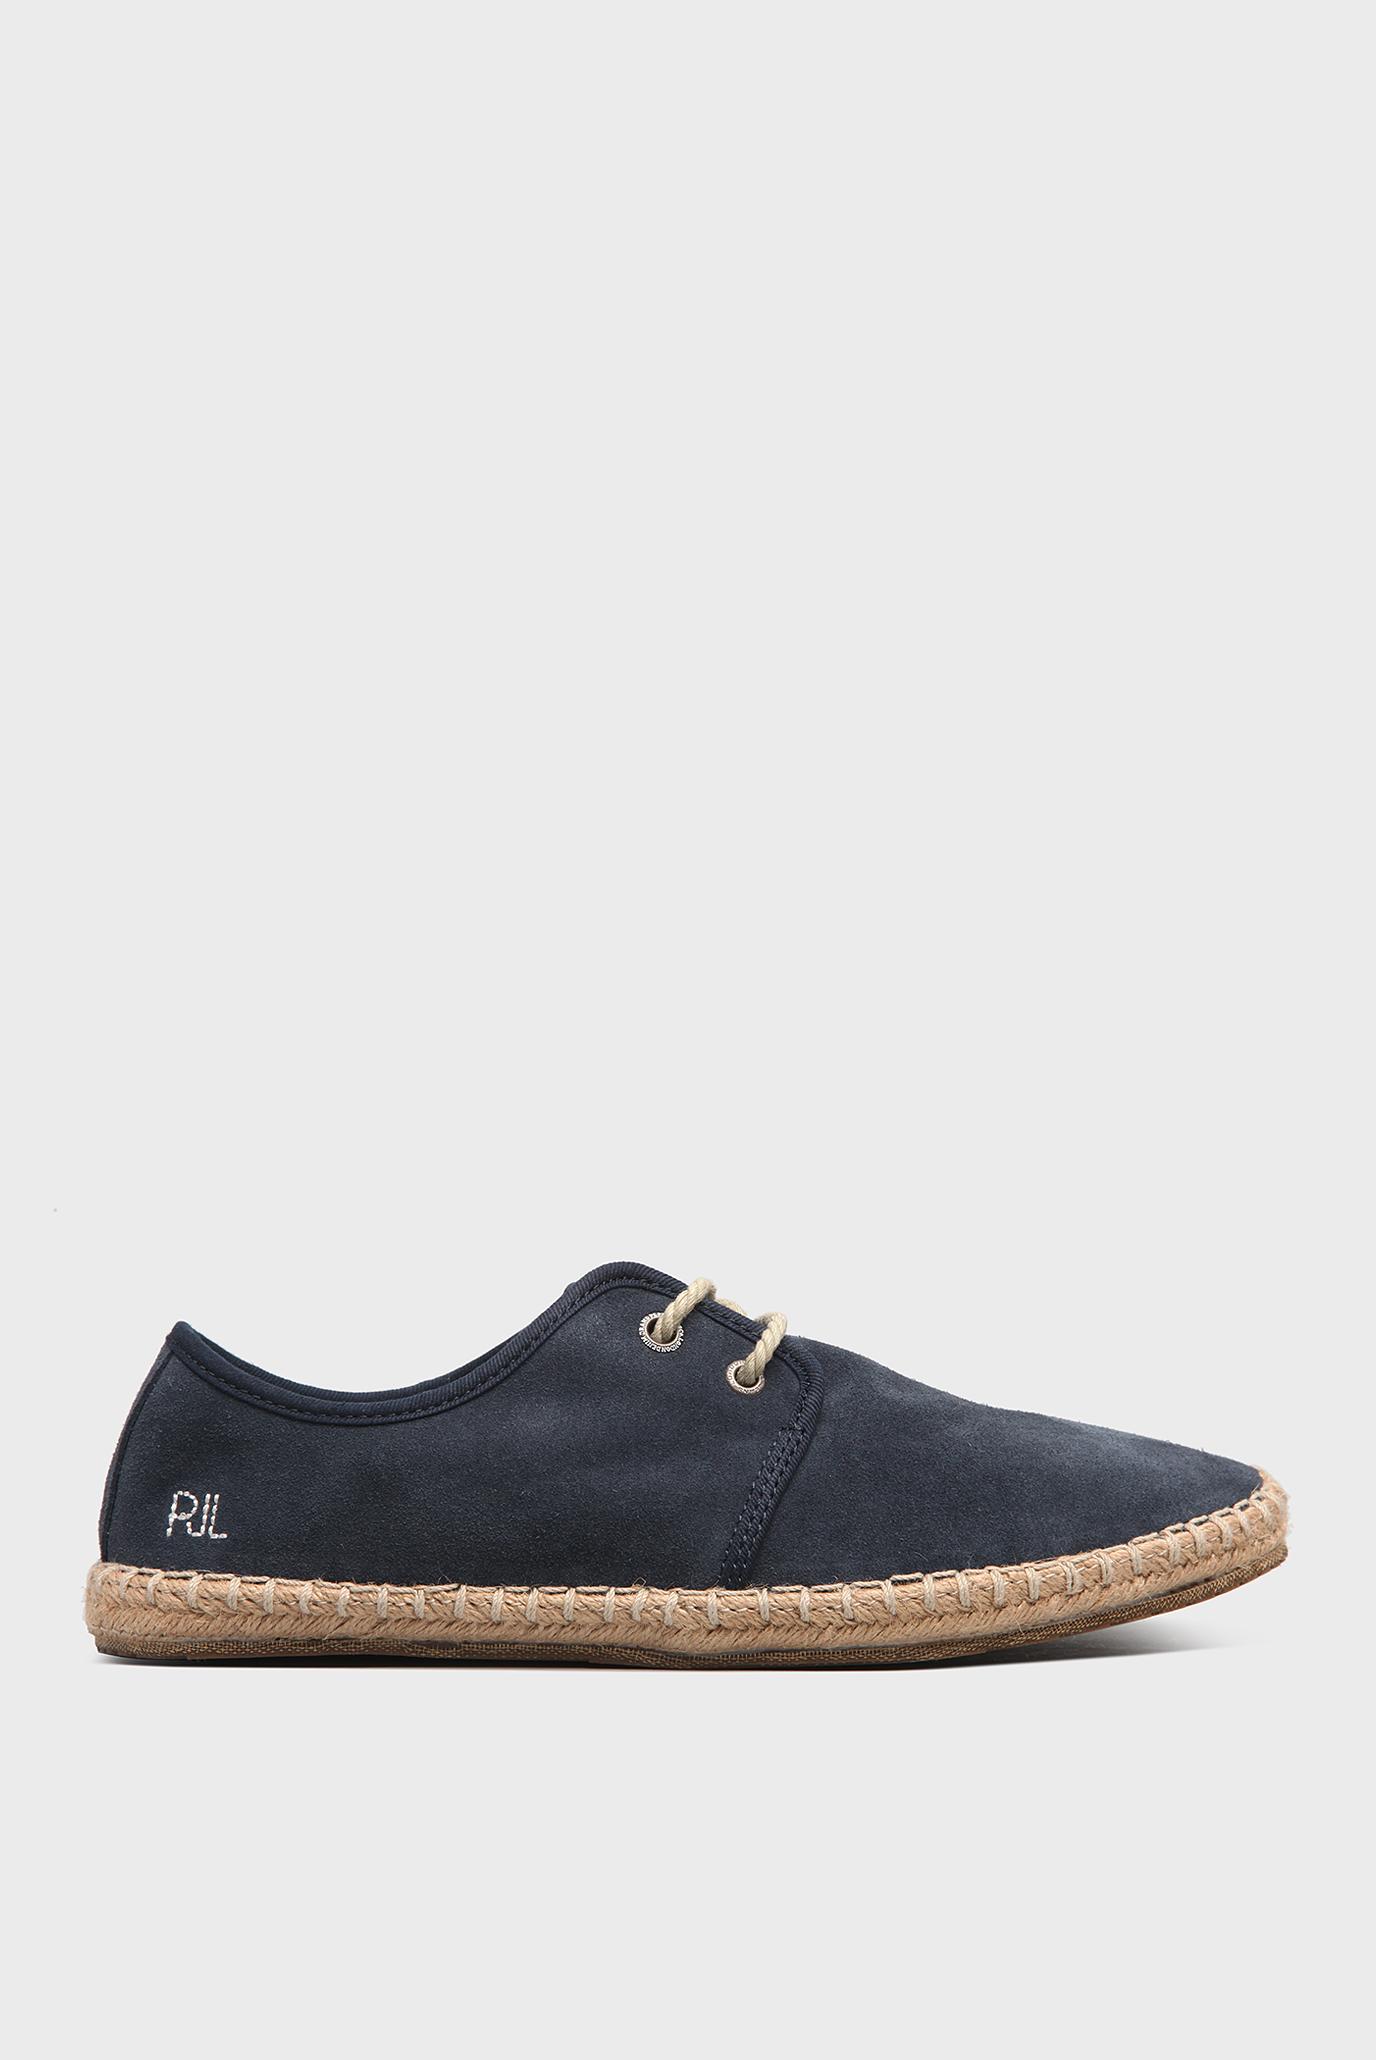 Купить Мужские синие замшевые эспадрильи  Pepe Jeans Pepe Jeans PMS10183 – Киев, Украина. Цены в интернет магазине MD Fashion